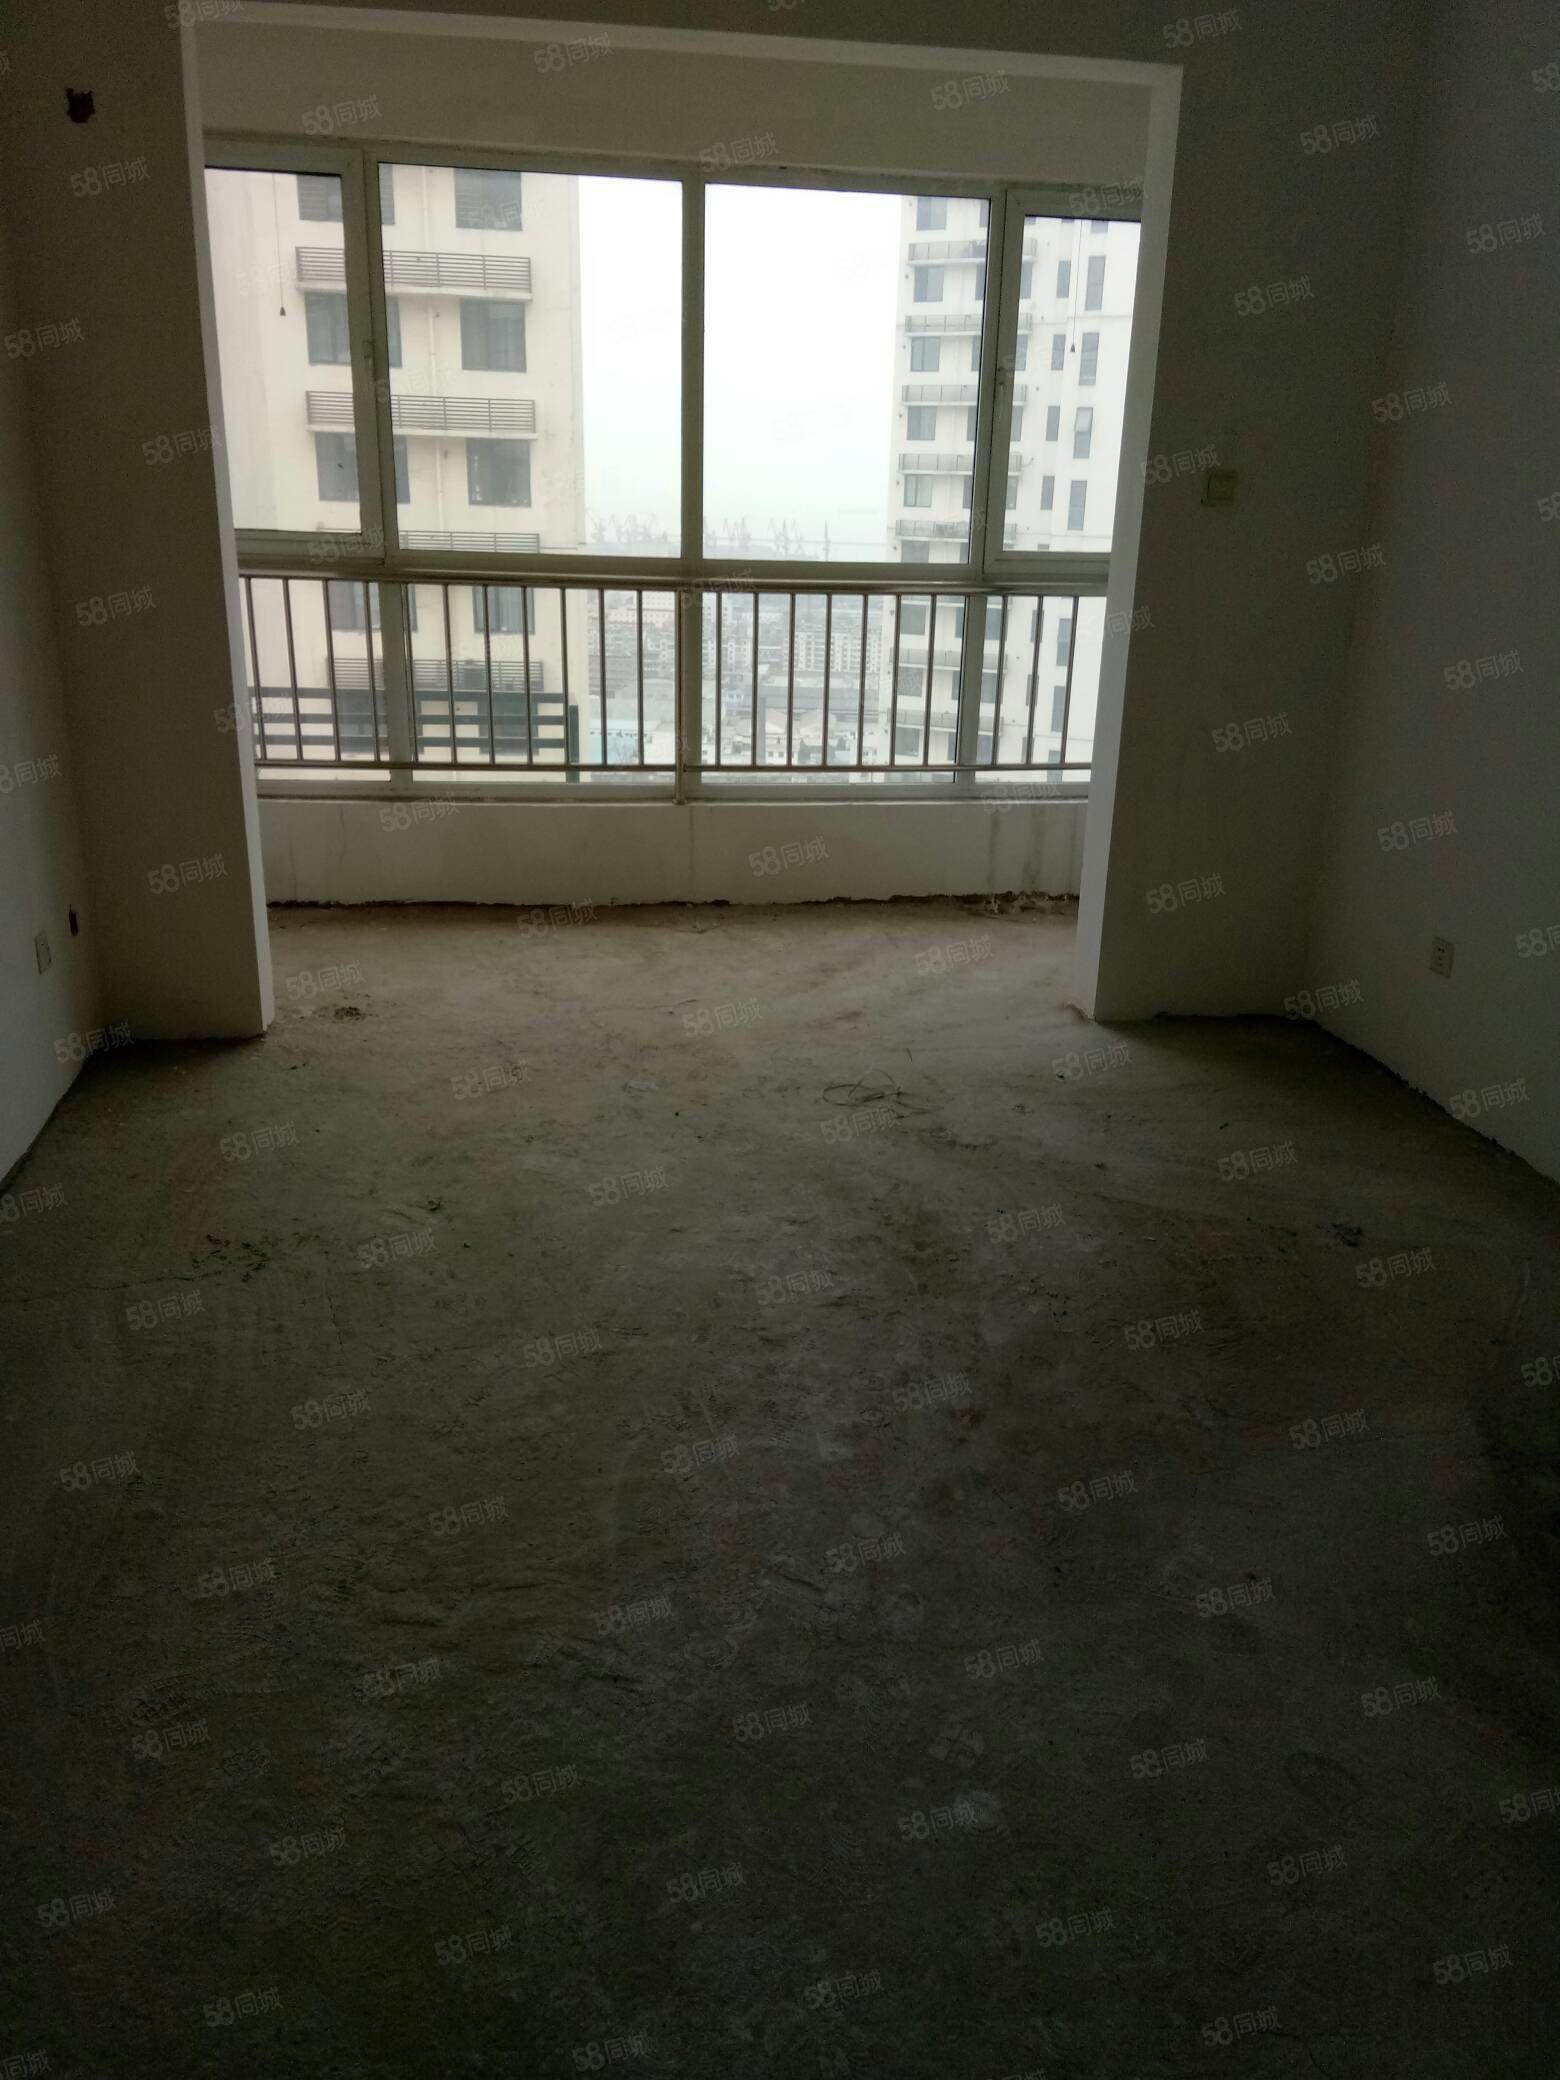 卢龙县蓝钻1楼128平53万4室毛坯新本